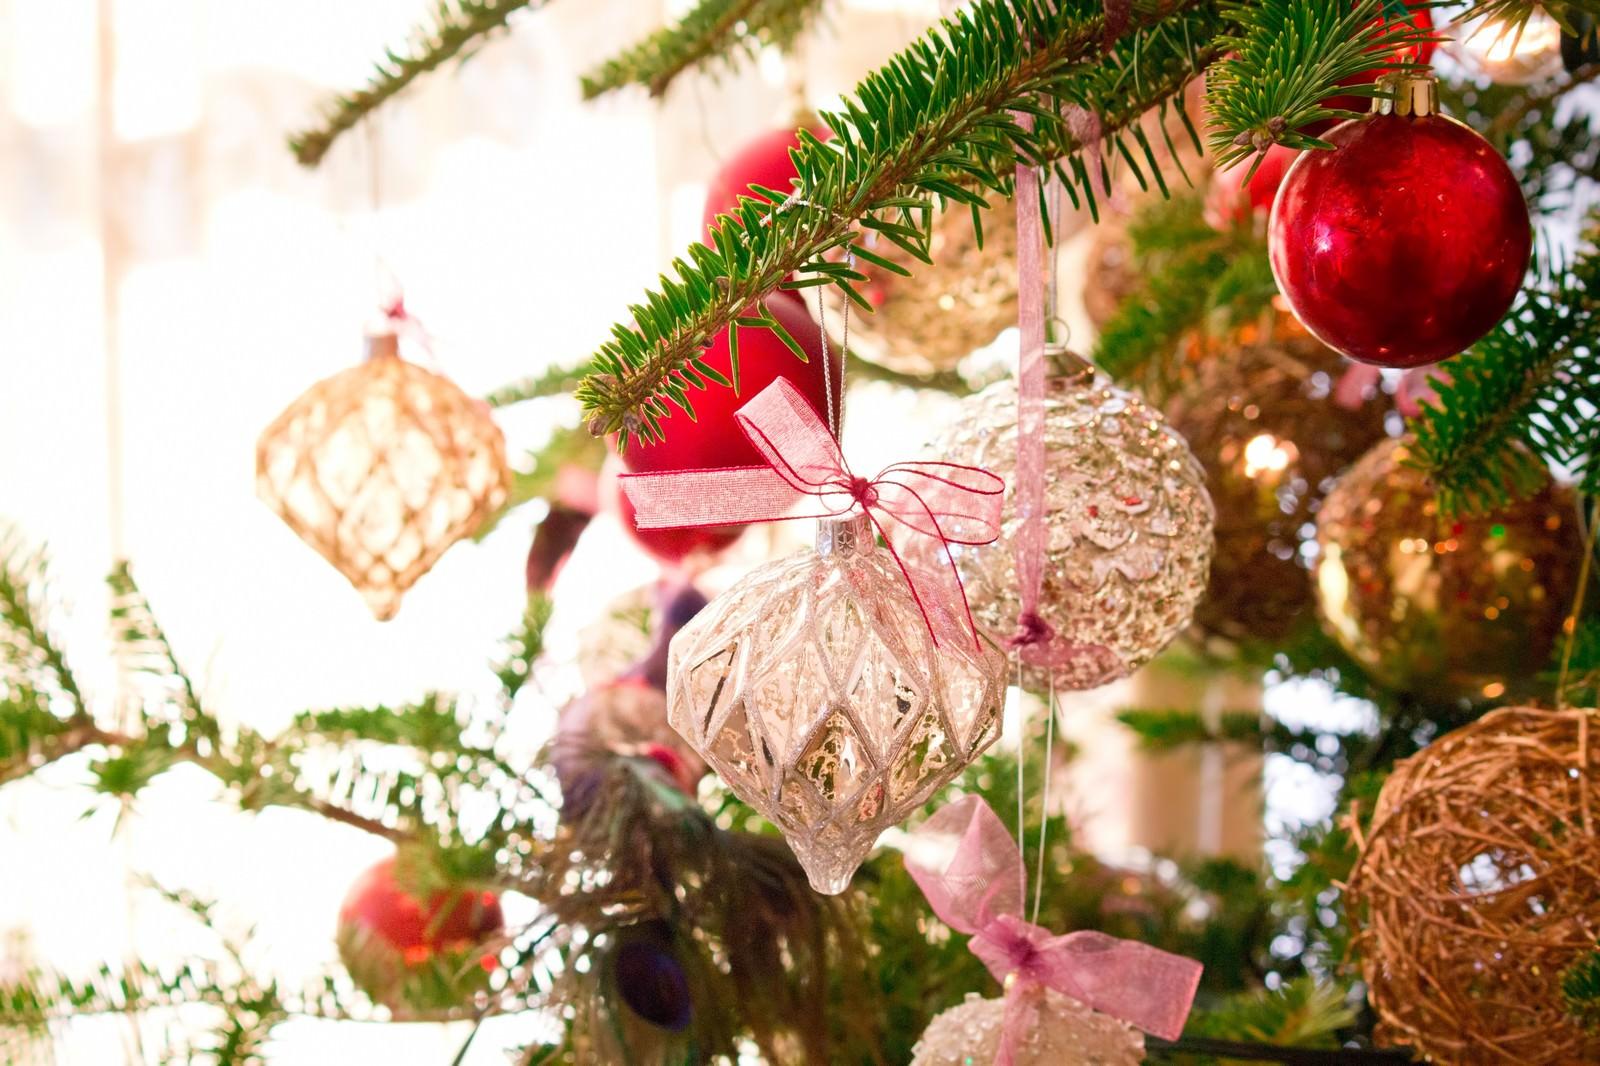 「クリスマスのキラキラした飾り」の写真